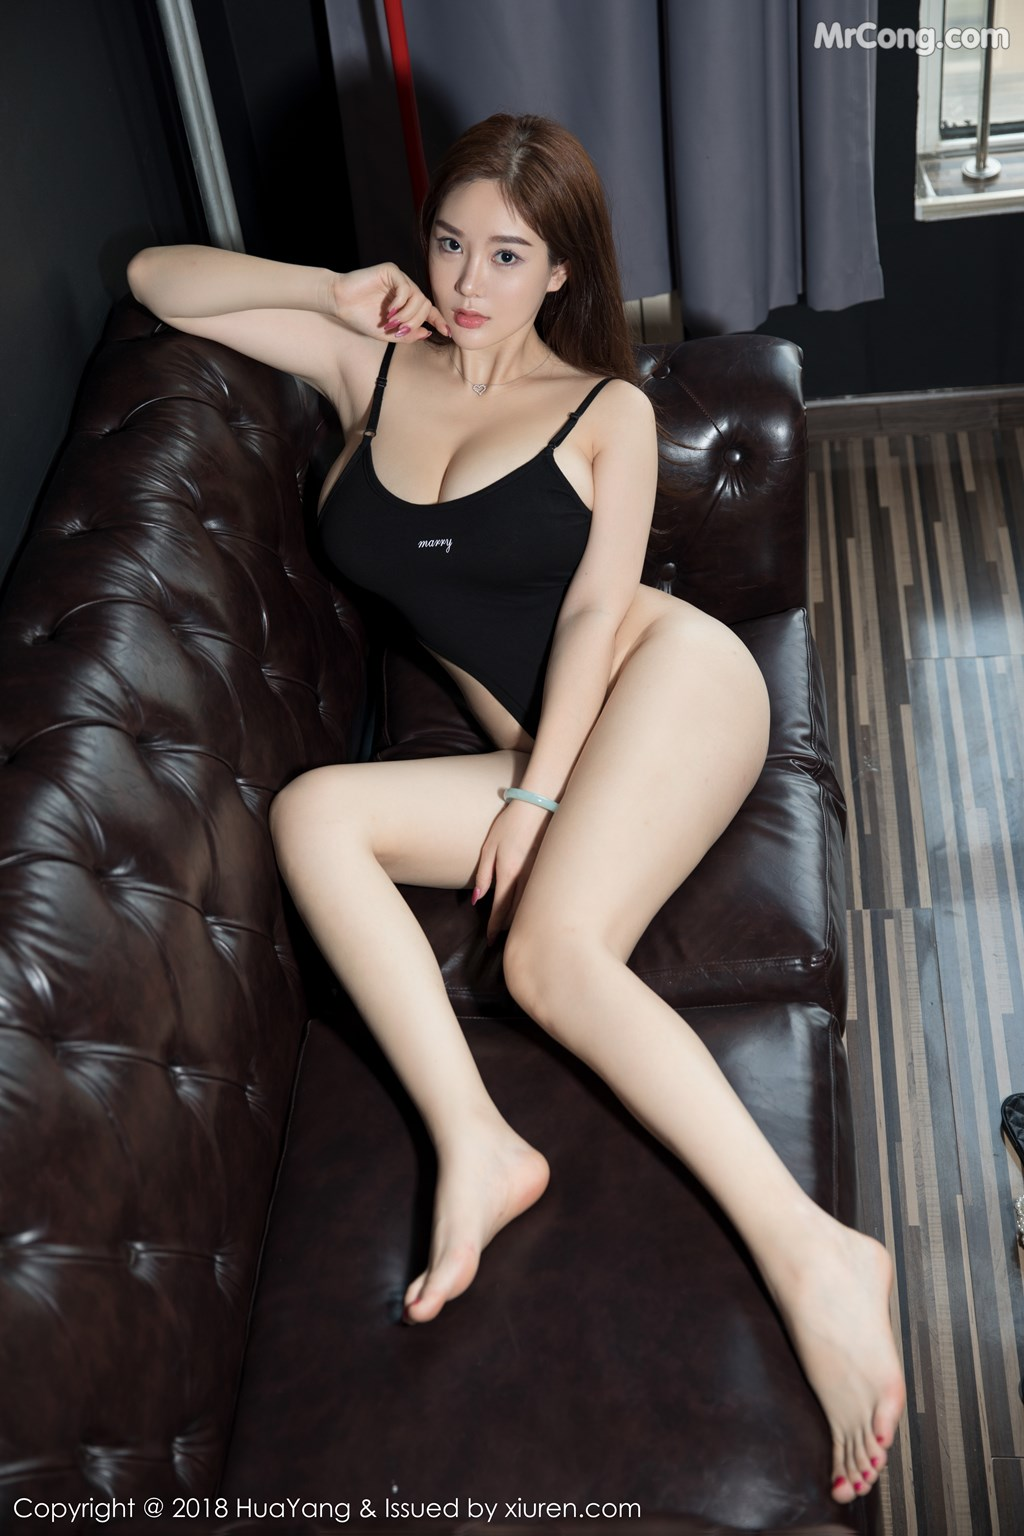 Image HuaYang-2018-08-09-Vol.068-Silvia-MrCong.com-001 in post HuaYang 2018-08-09 Vol.068: Người mẫu 易阳Silvia (41 ảnh)